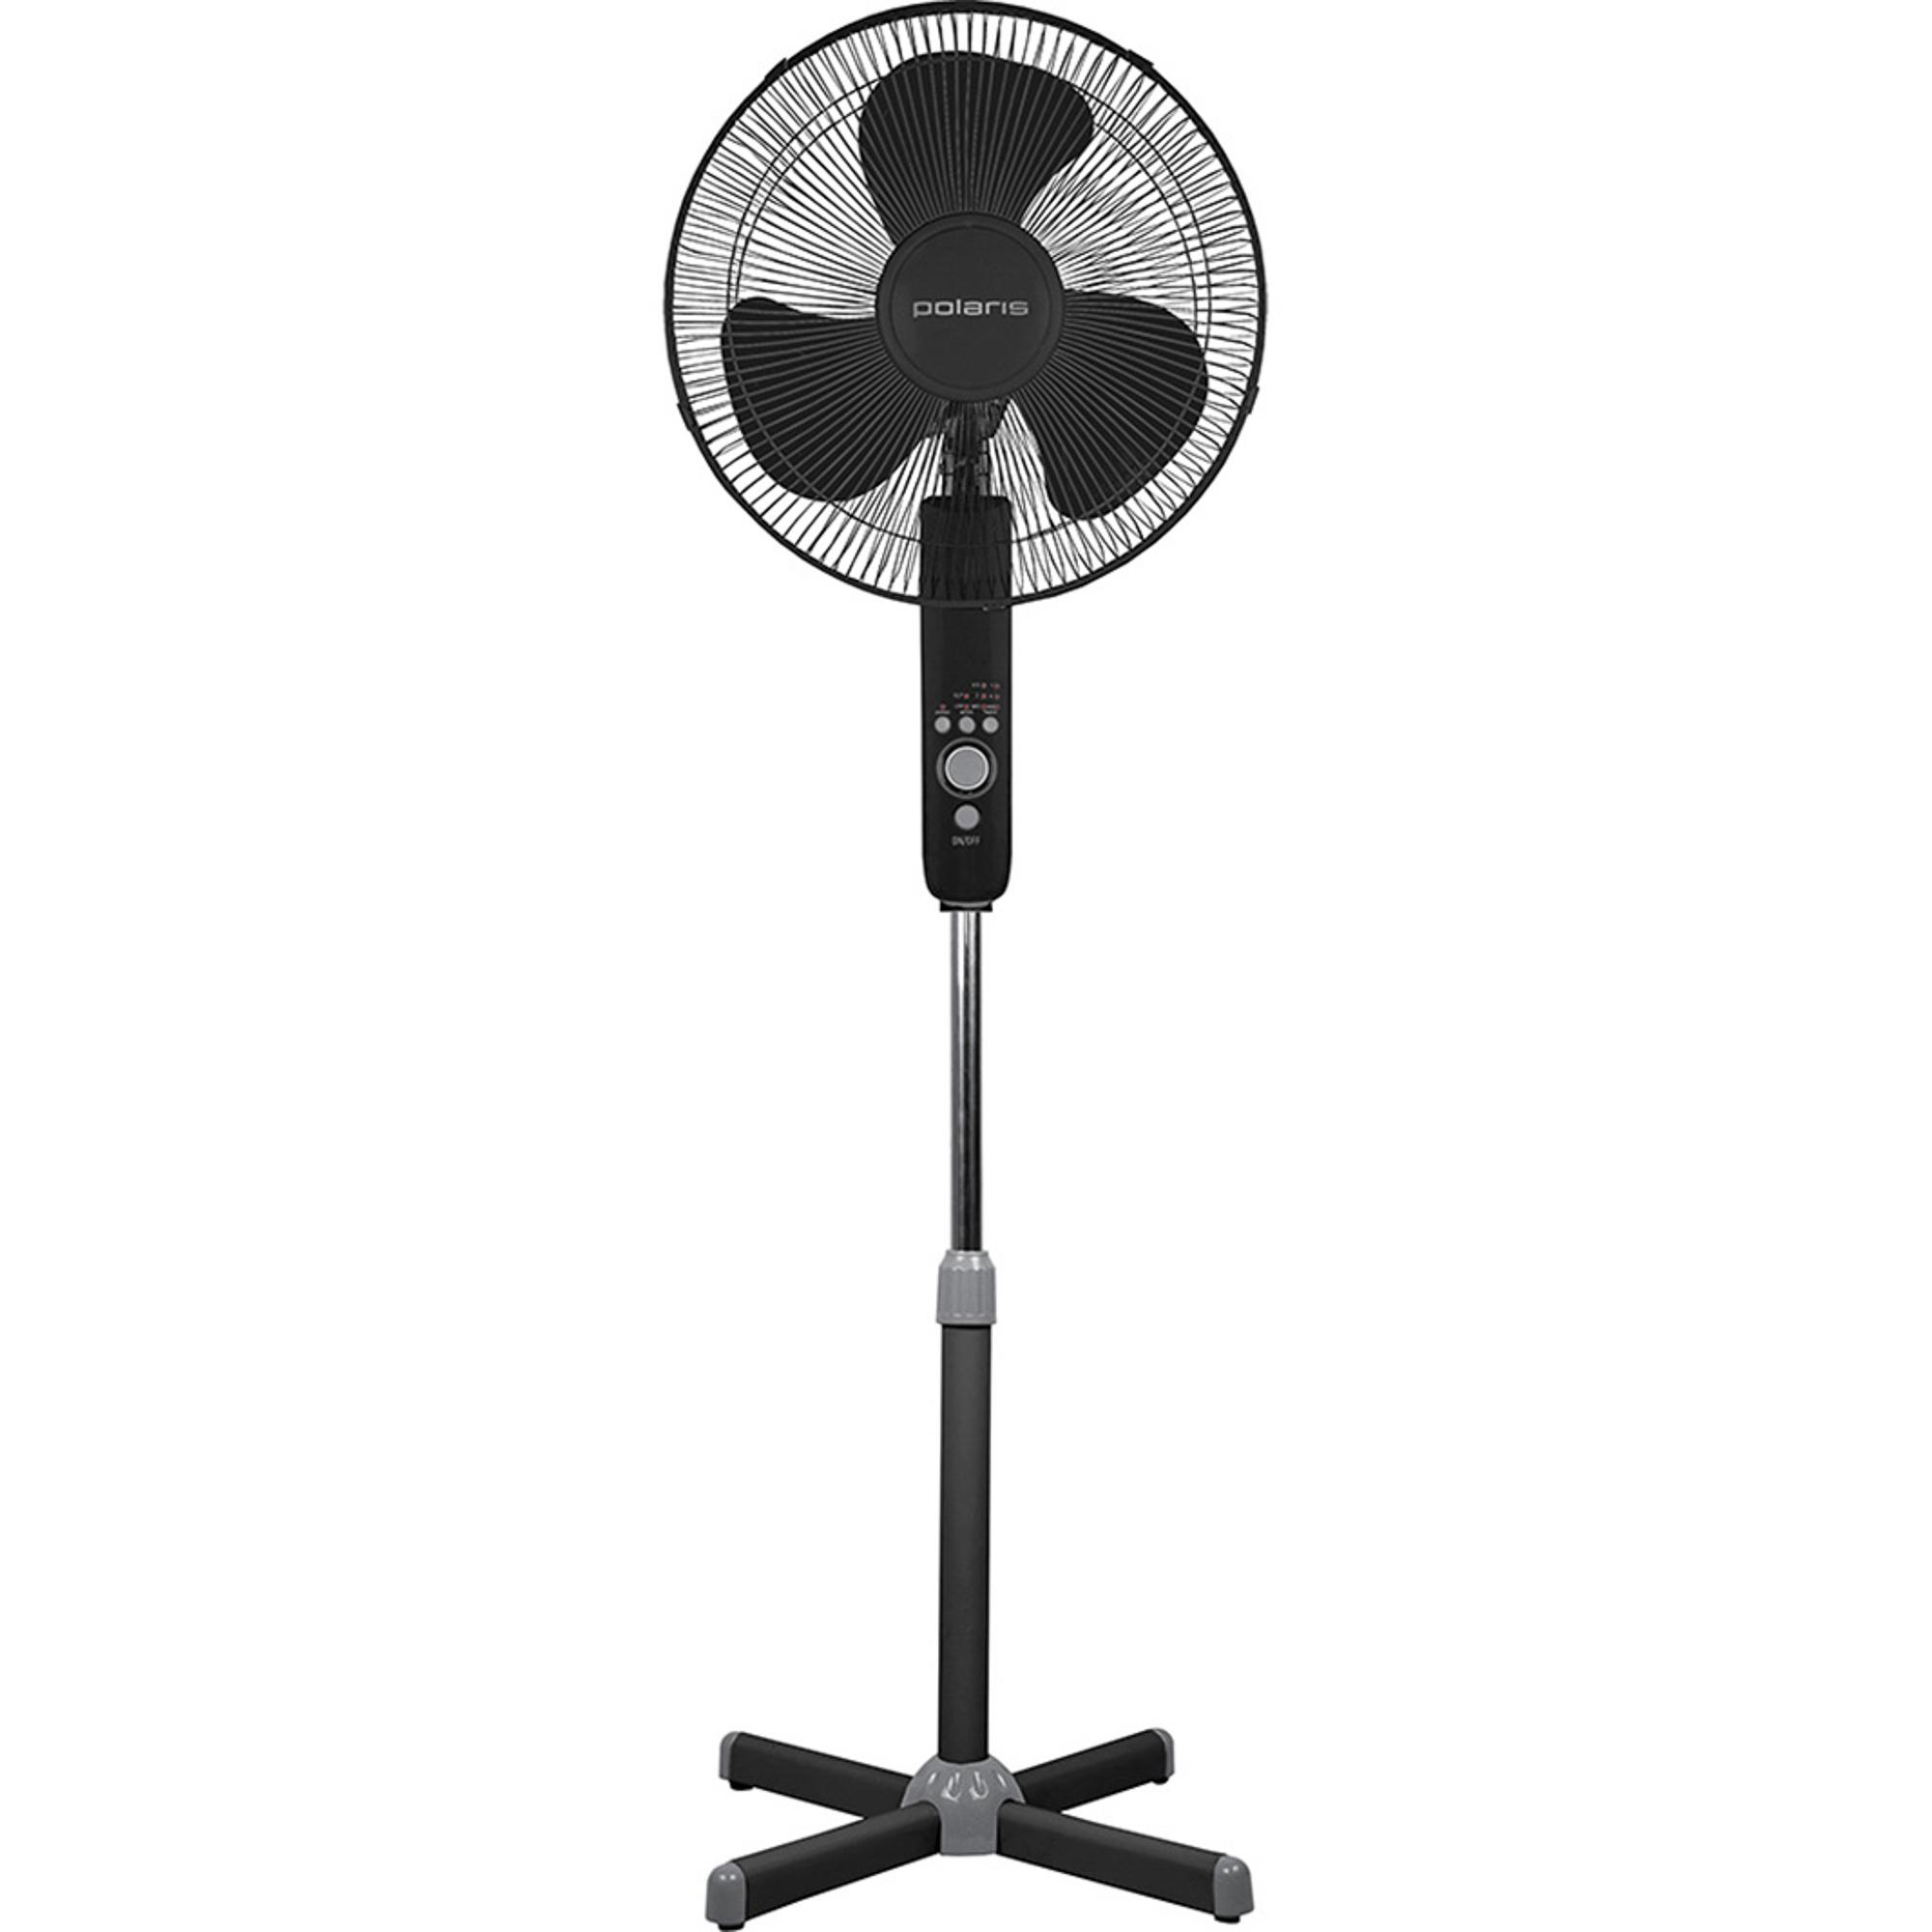 Напольный вентилятор Polaris PSF 2340 RC